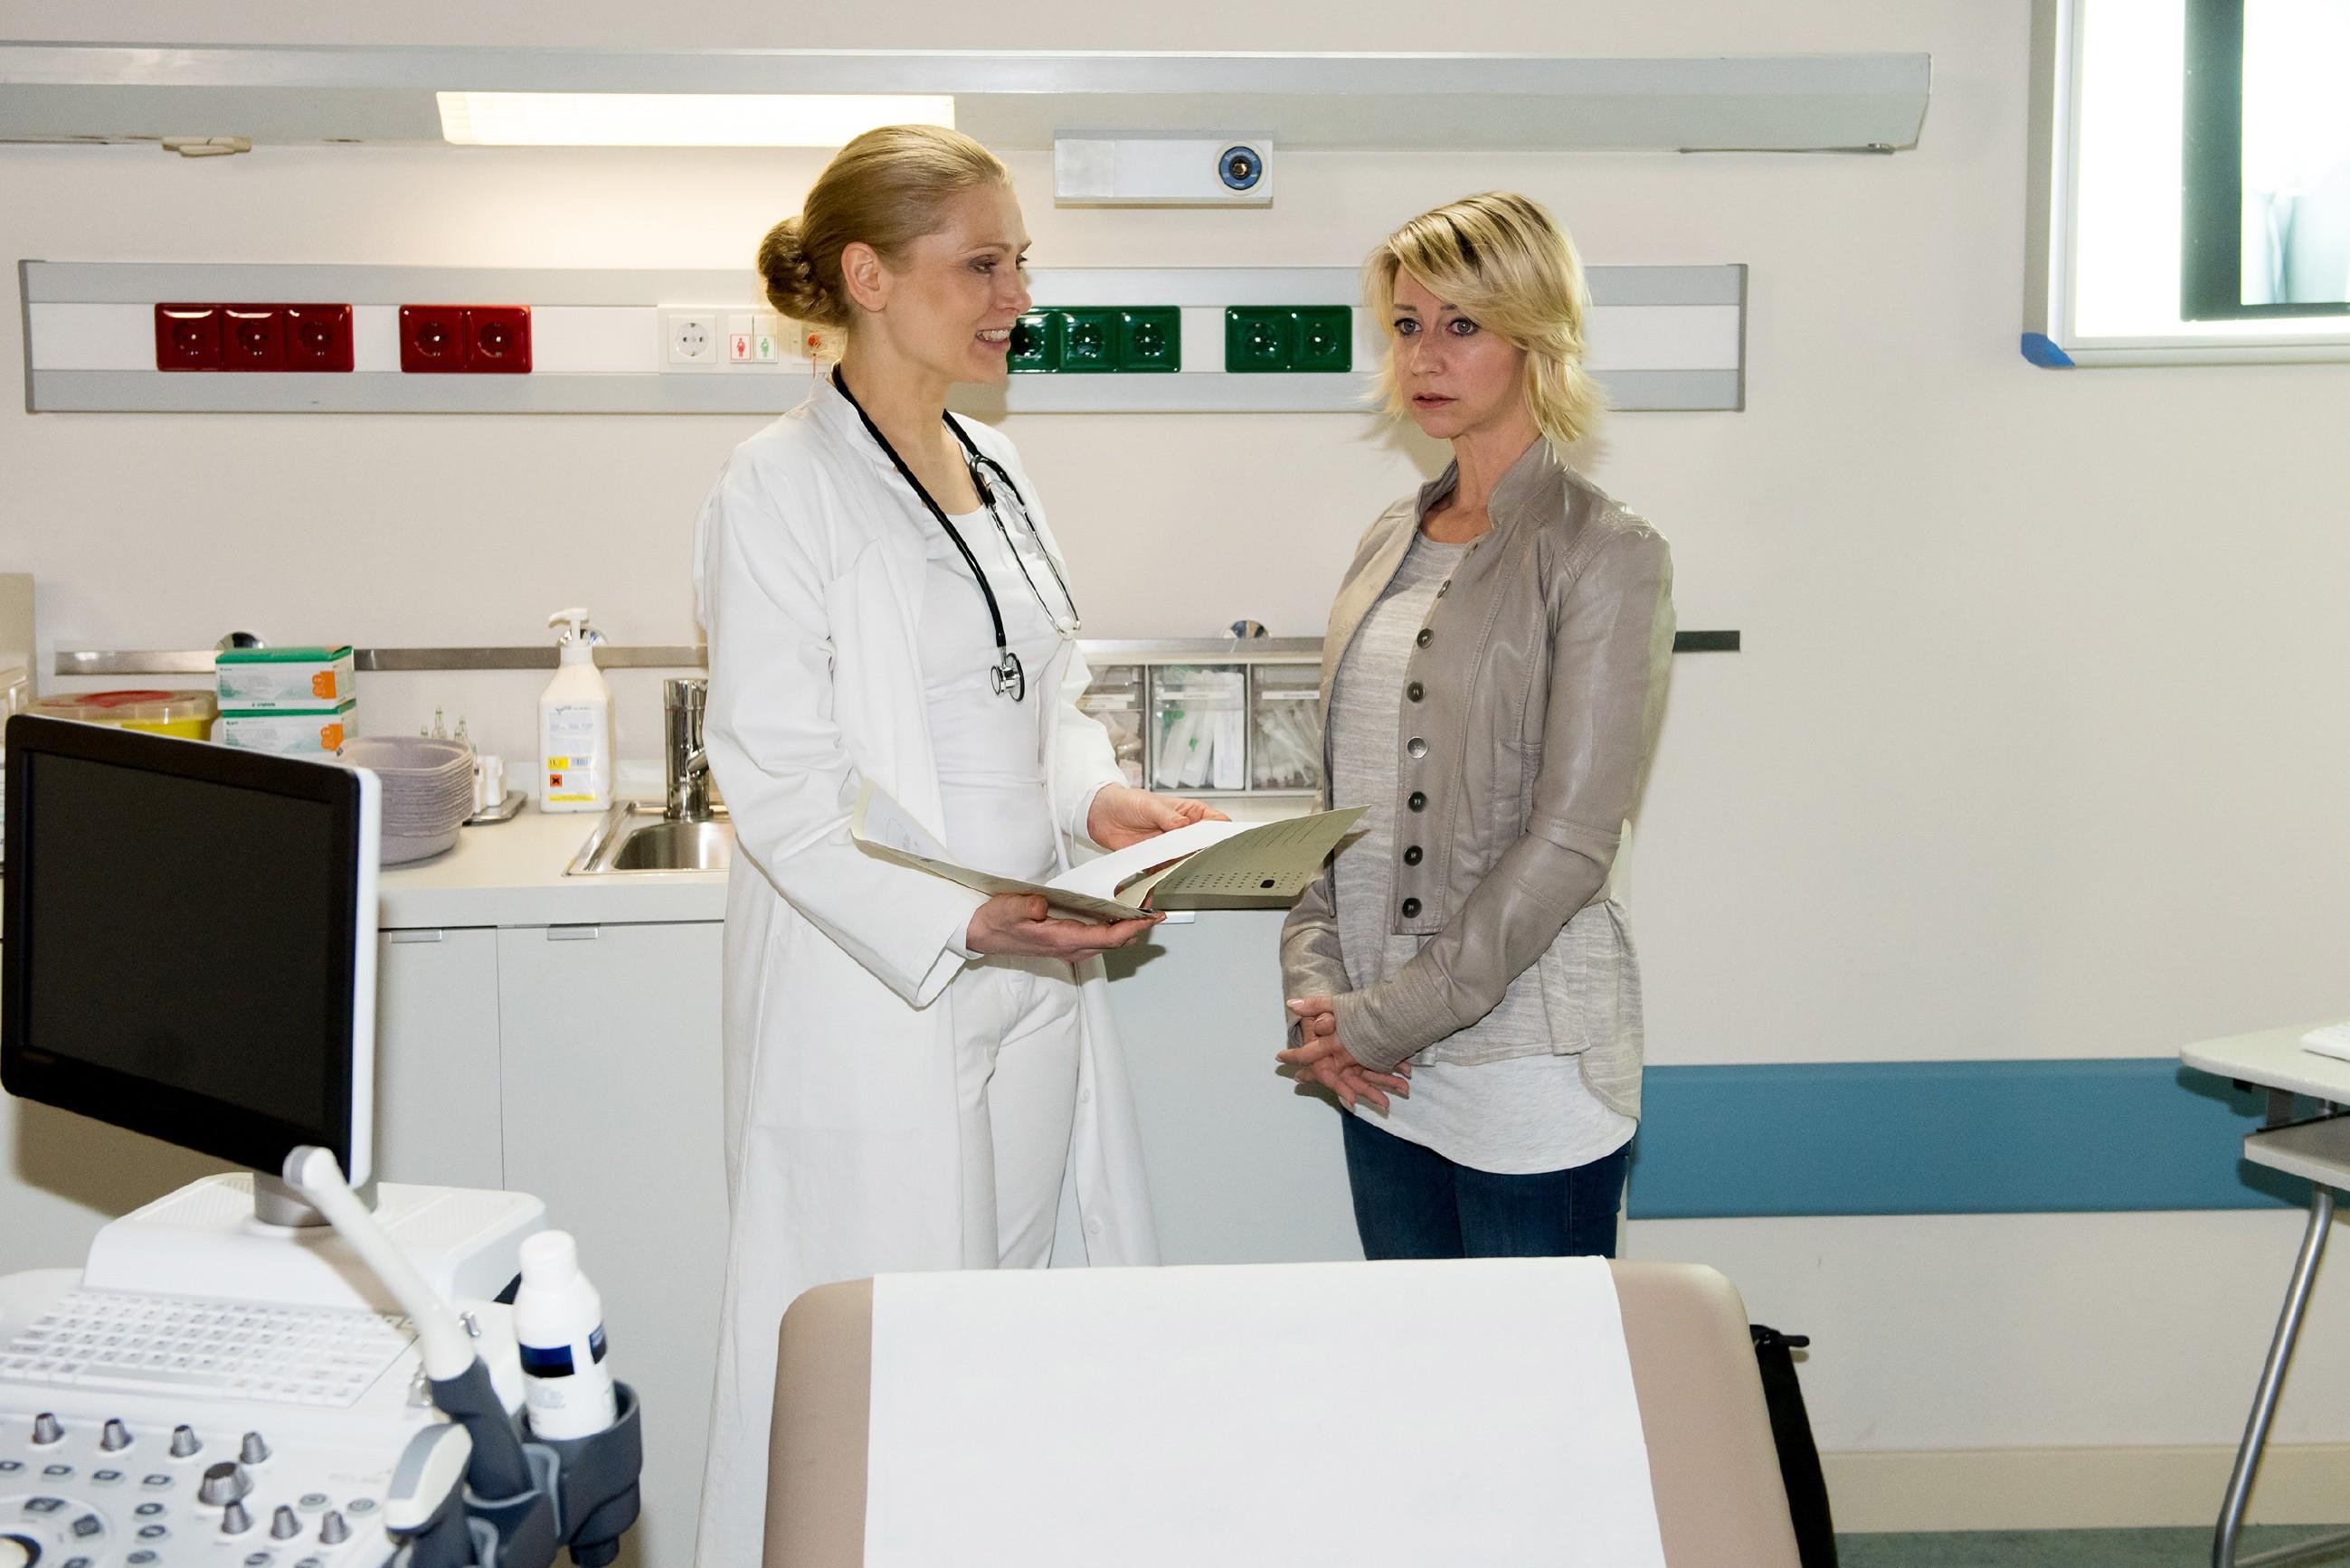 Ute (Isabell Hertel, r.) ist fassungslos, als ihre Ärztin Dr. Herbst (Silke Natho) ihr eröffnet, schwanger zu sein... (Quelle: RTL / Stefan Behrens)